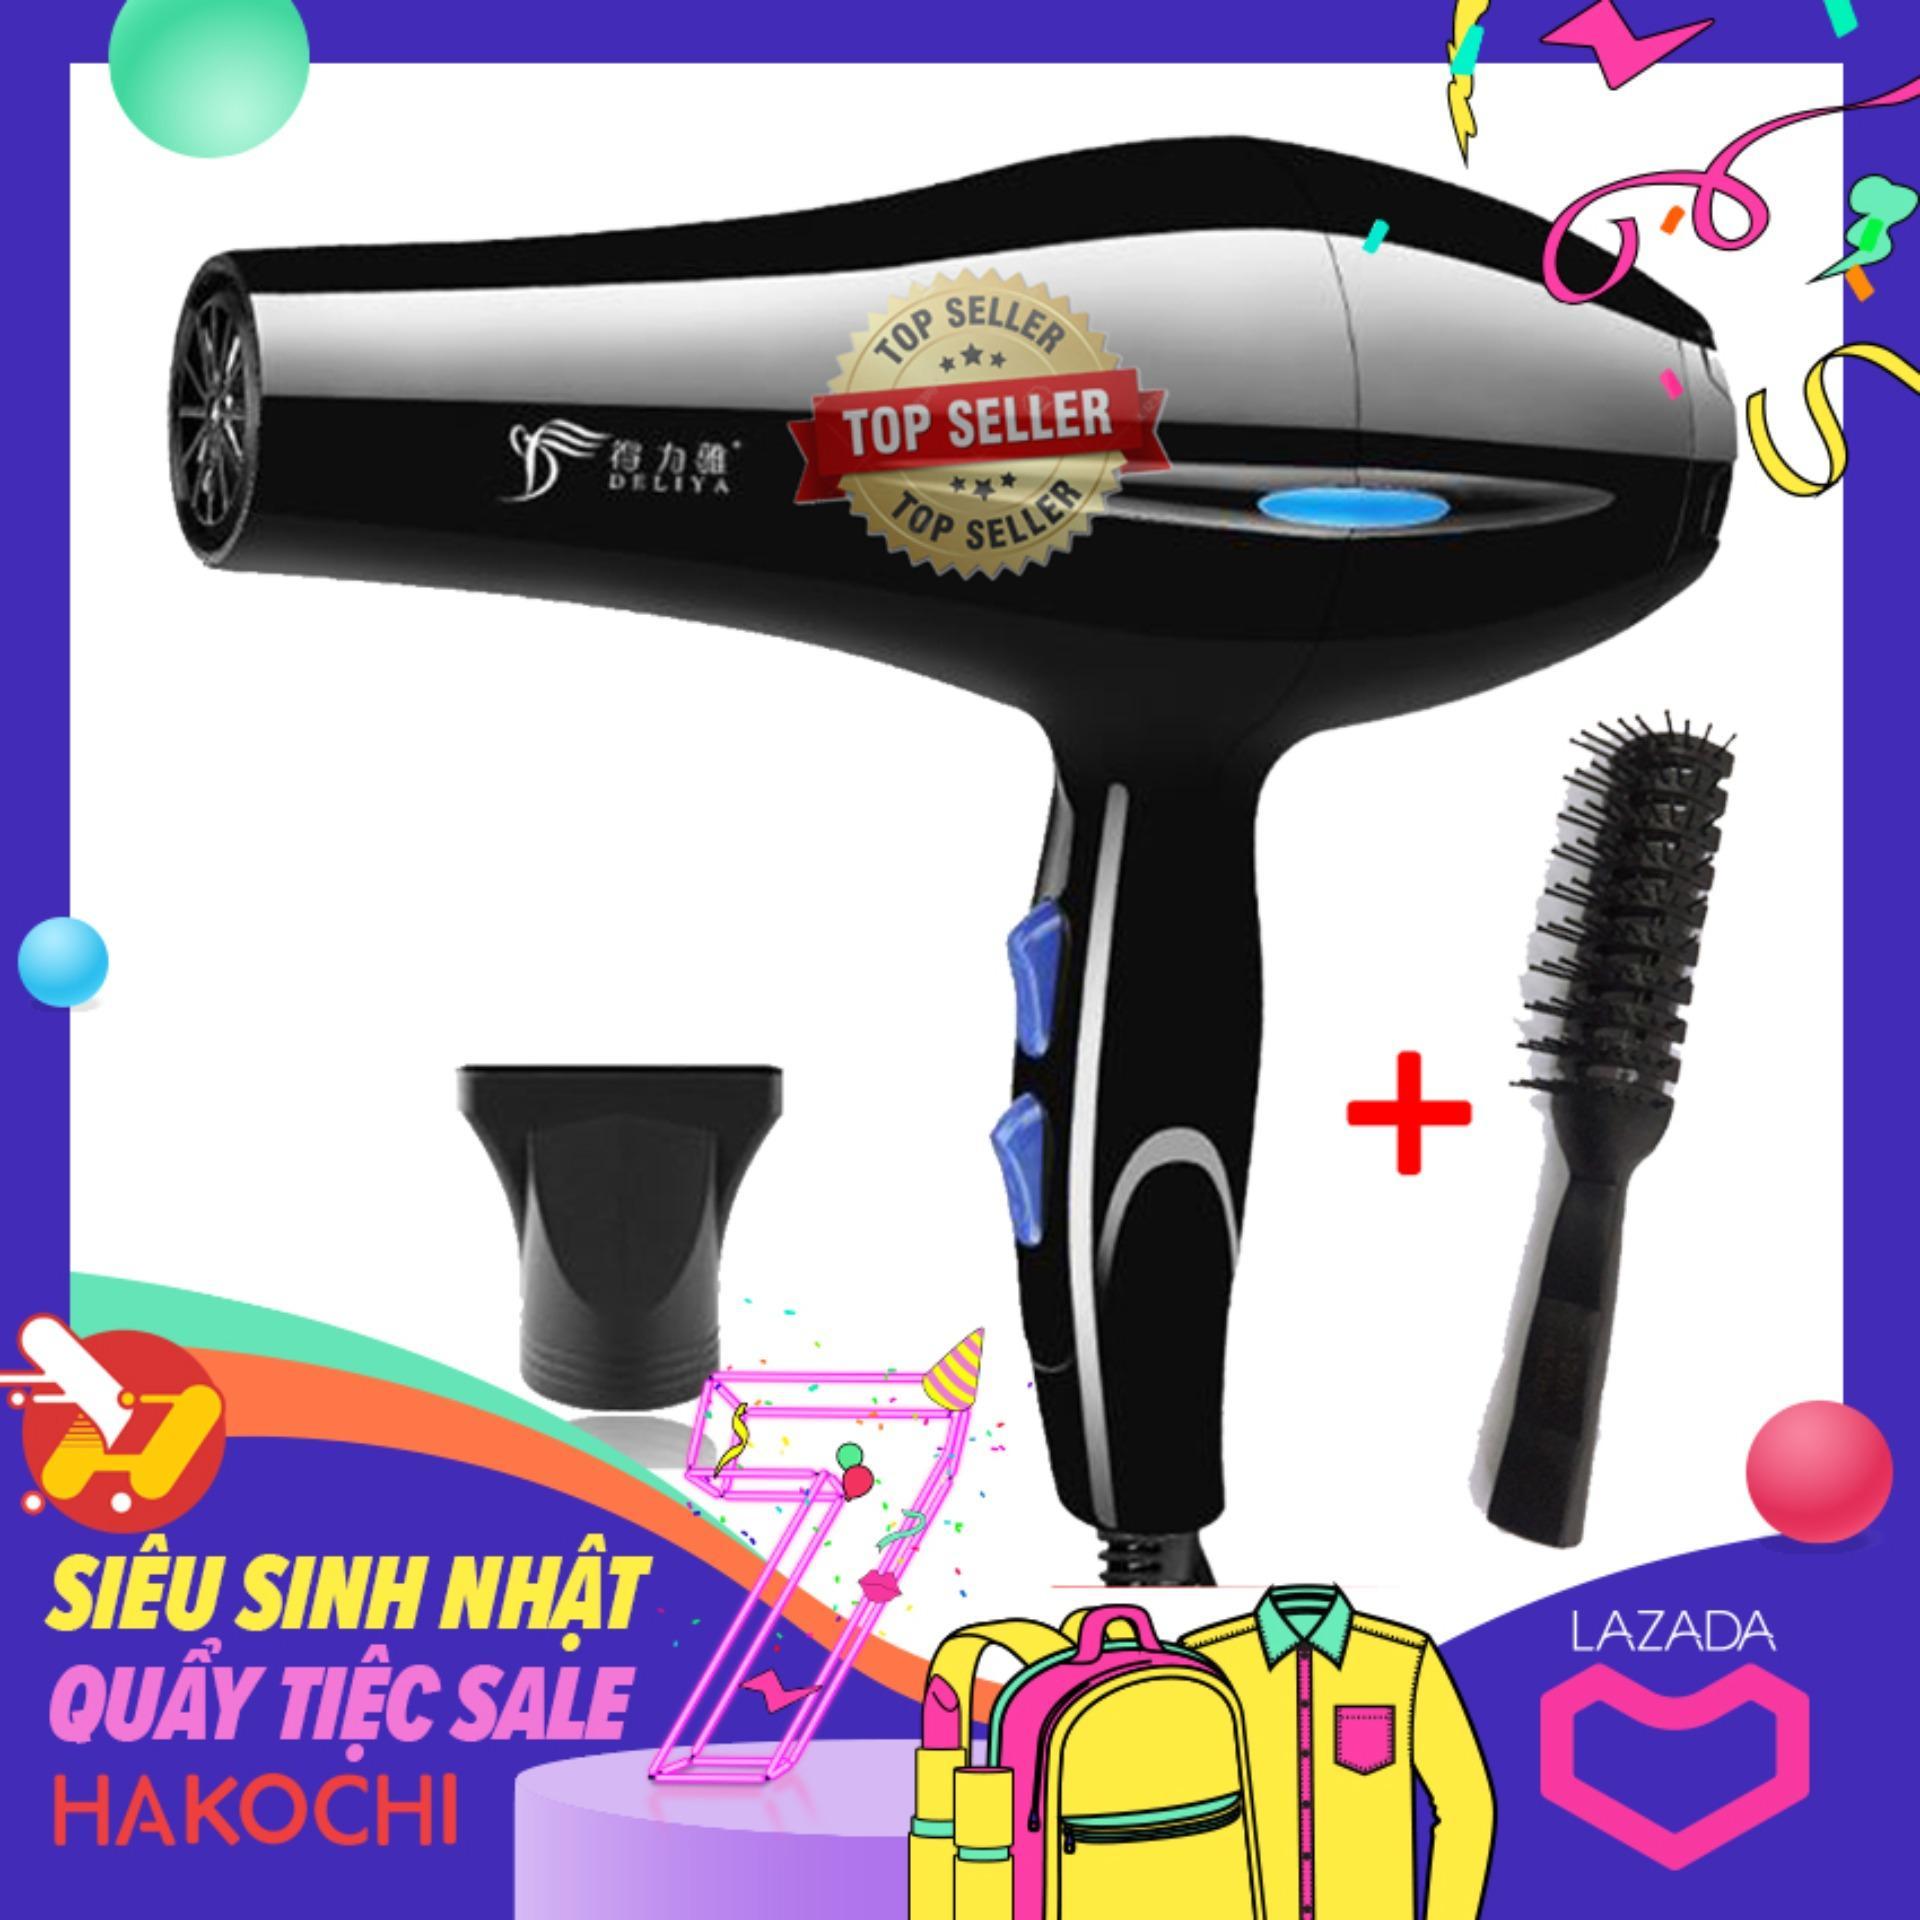 [HÀNG LOẠI 1-GIẢM 30% DUY NHẤT HÔM NAY] Máy sấy tóc nóng lạnh DELIYA - máy sấy tóc, máy sấy tóc mini, máy sấy tóc panasonic, máy sấy tóc tạo kiểu, máy sấy tóc lạnh + Tặng lược Tạo kiểu tóc - [HAKOCHI]